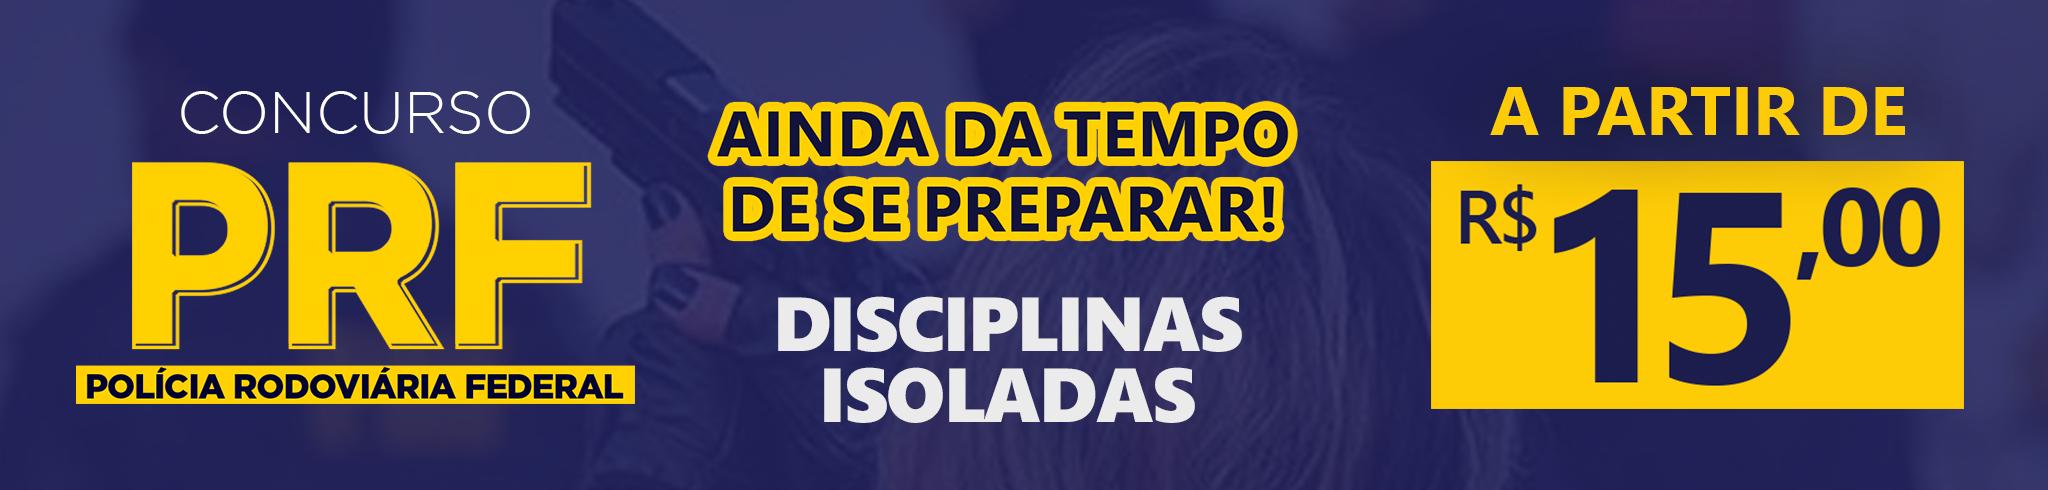 PRF - Disciplinas Isoladas